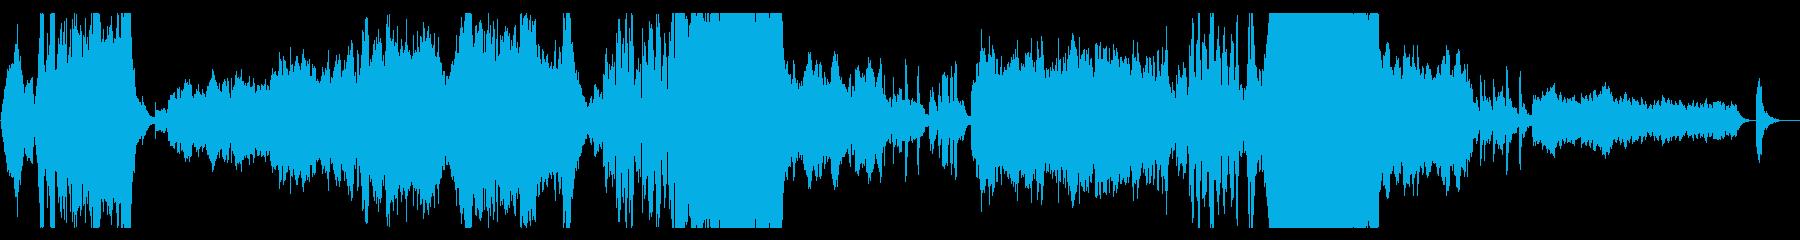 祝典ファンファーレ/テーマパーク/感動の再生済みの波形